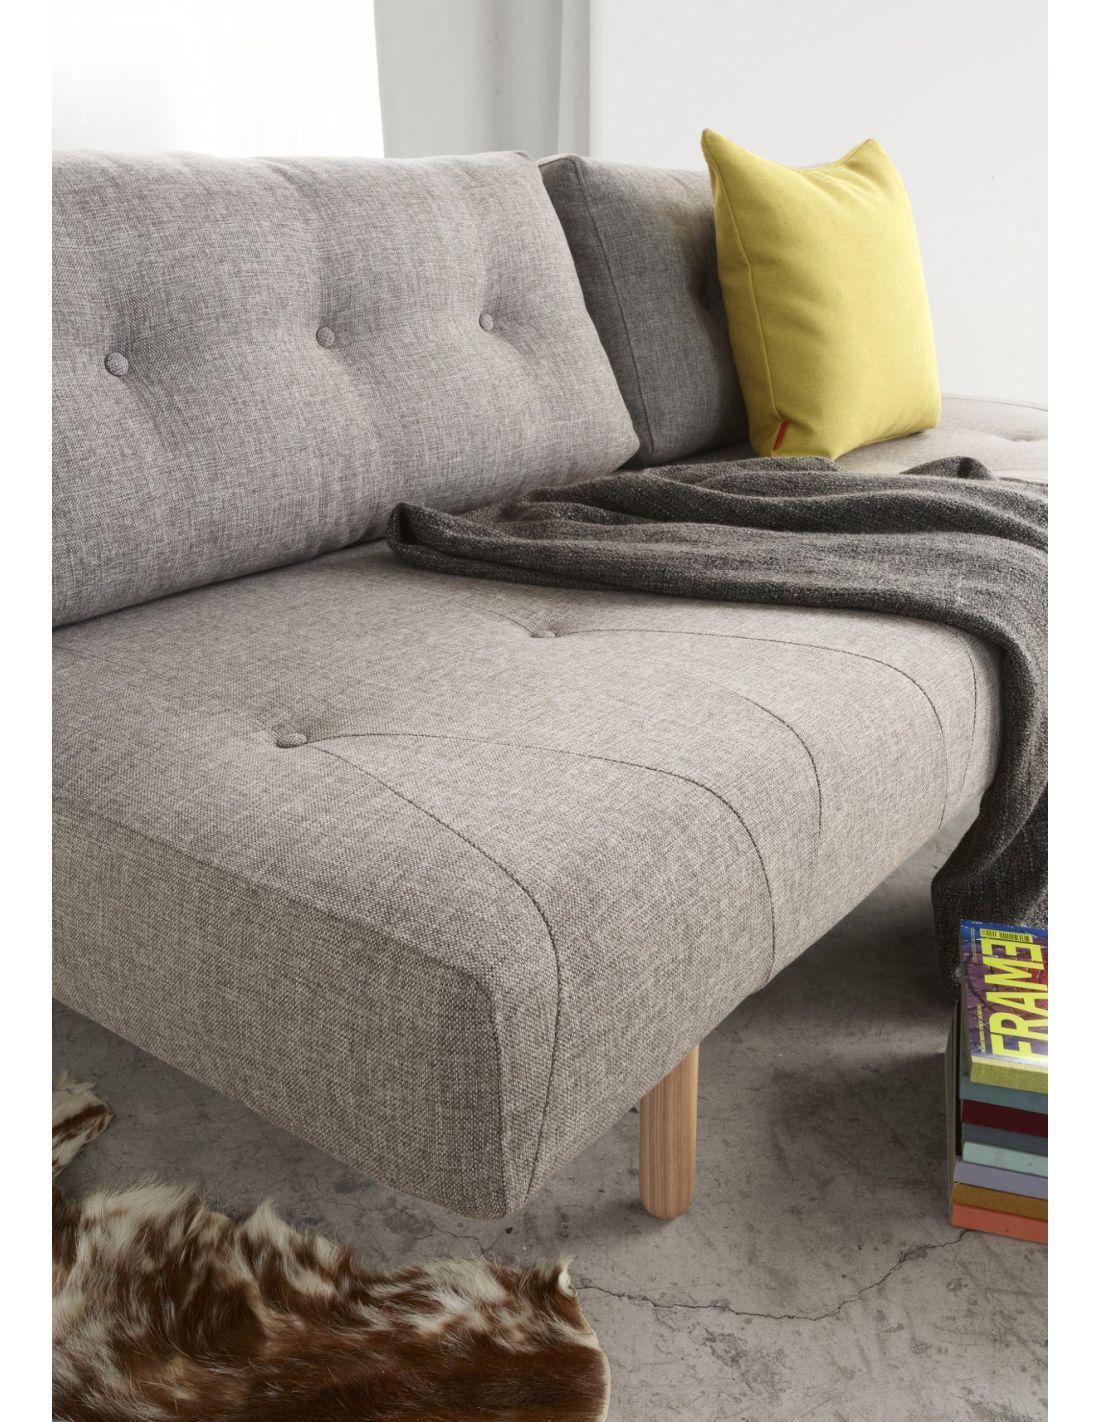 Divano letto rhomb matrimoniale in tessuto design moderno - Divani letto 1 piazza ...